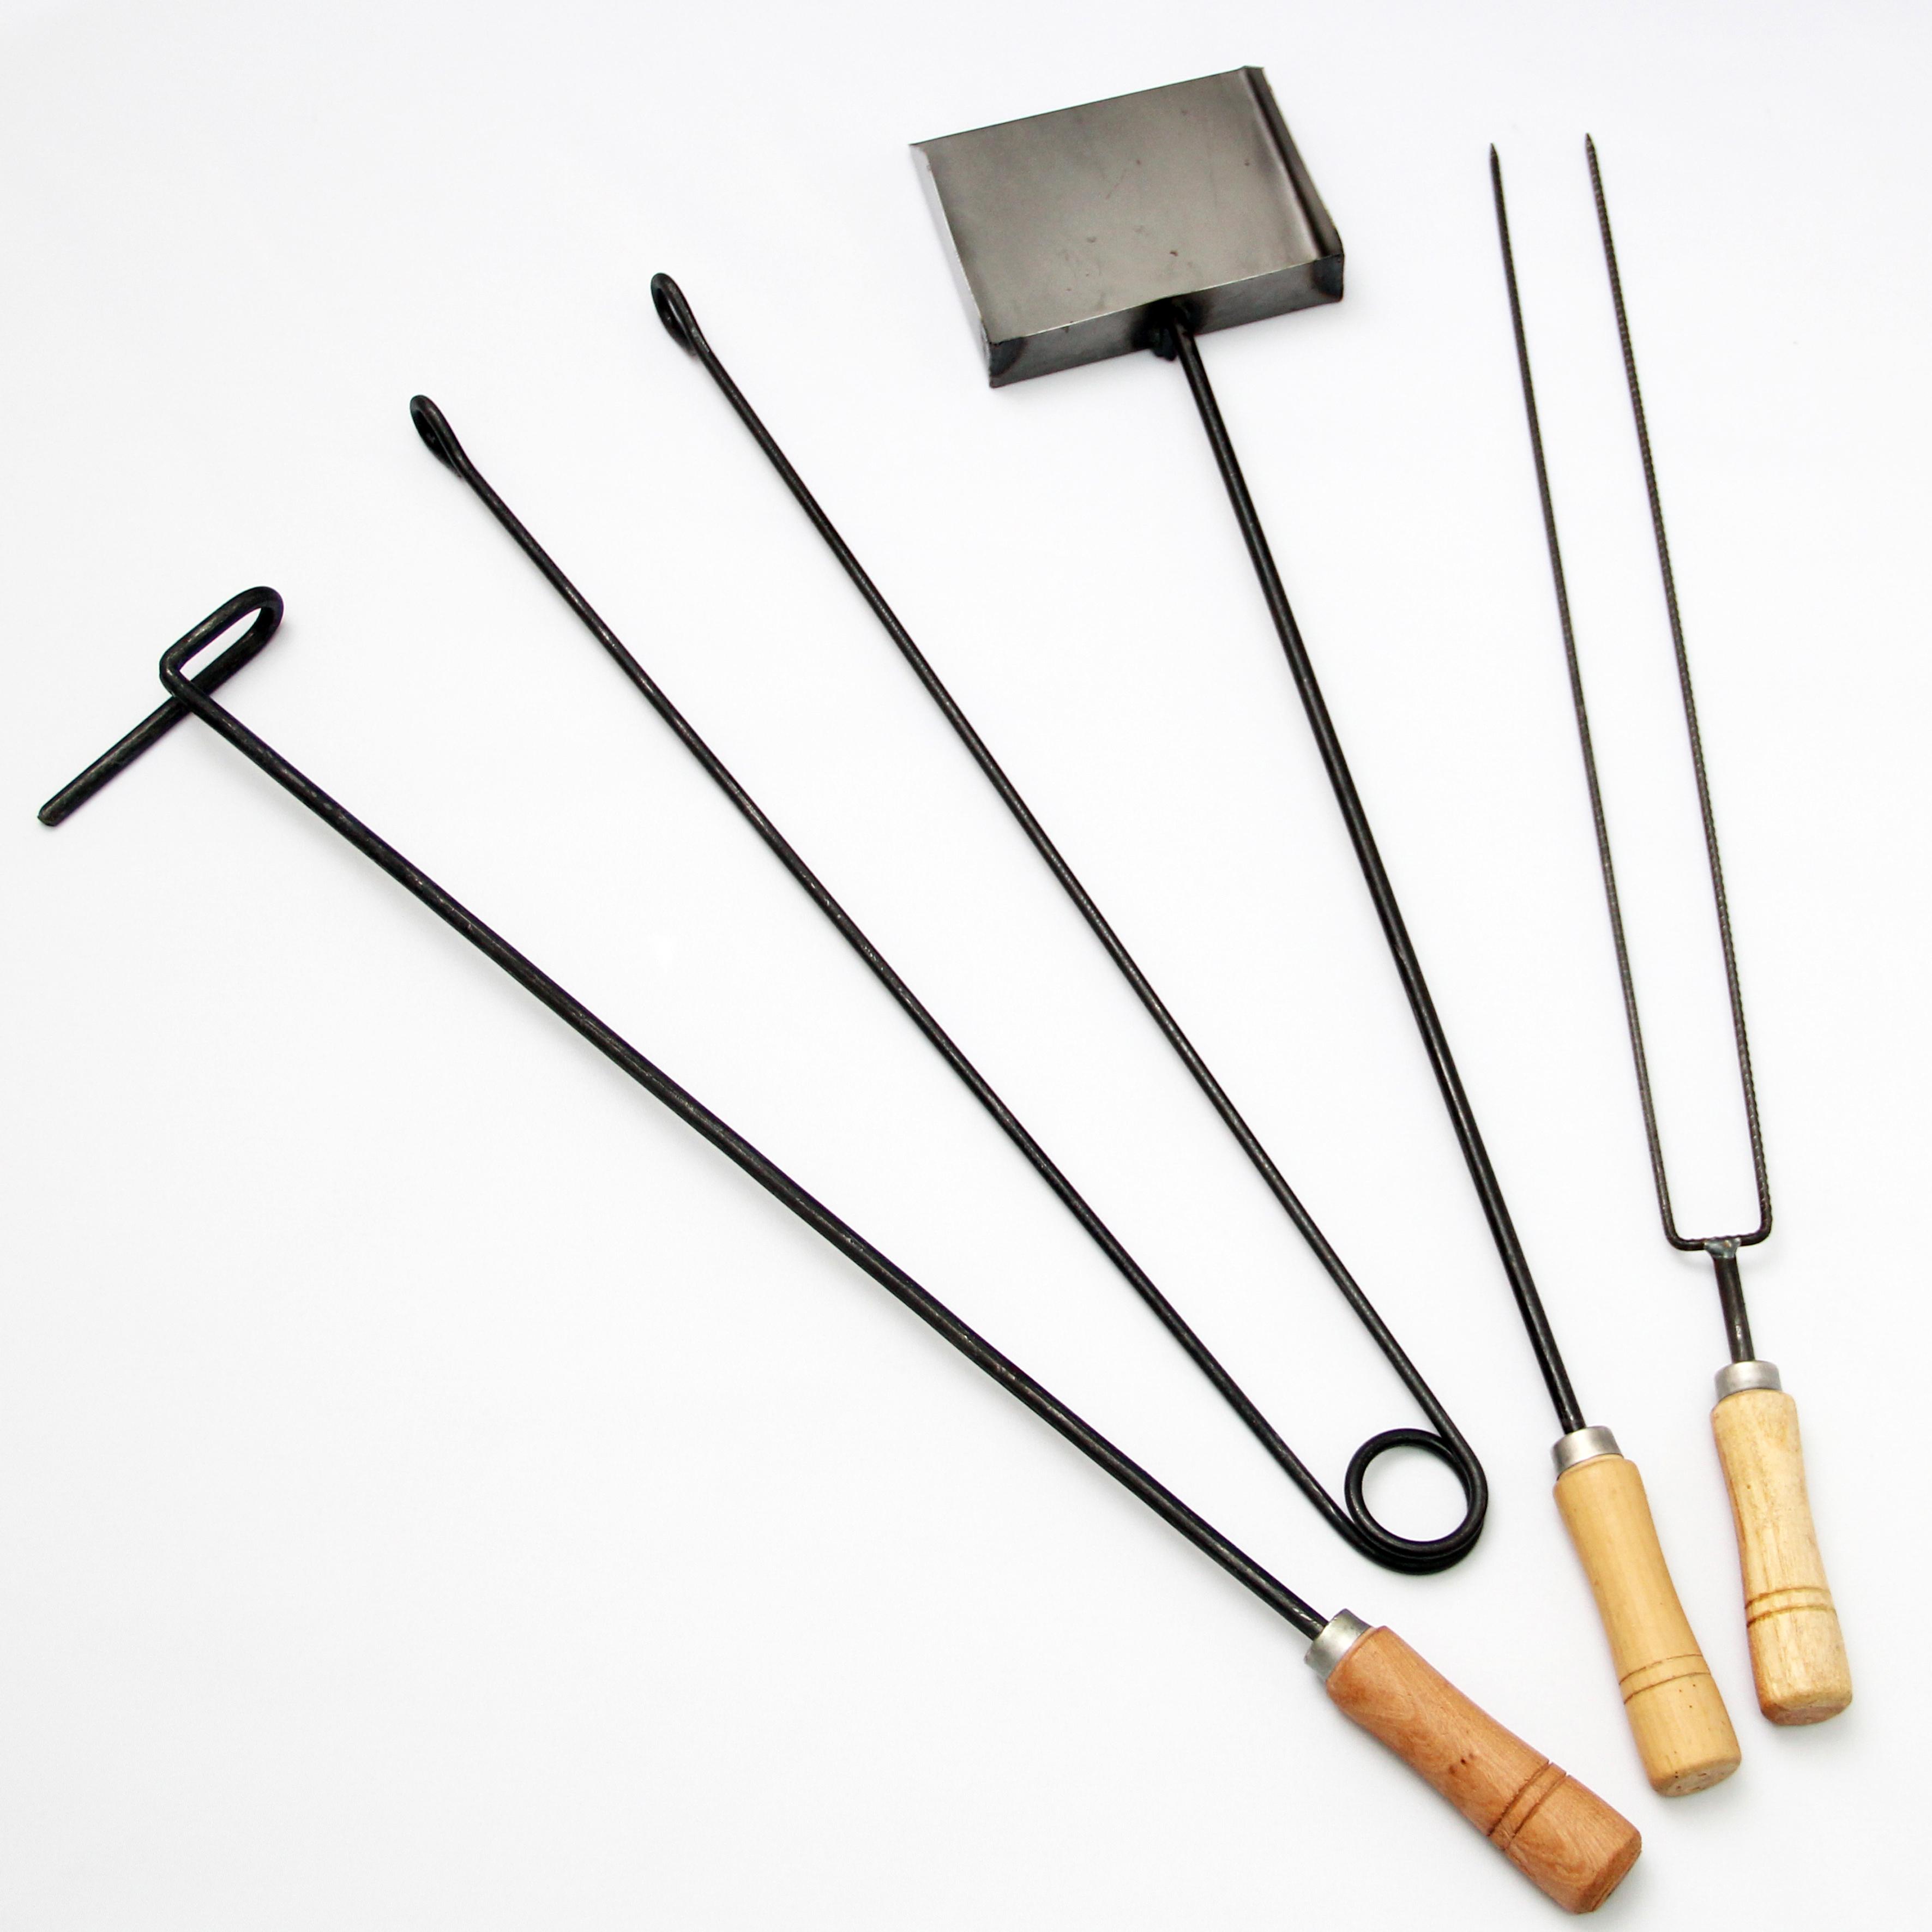 Almacén Parrillero (Regalos Y Objetos De Diseño):        Atizador, Pinza, Pala Y Pinche Chorizero